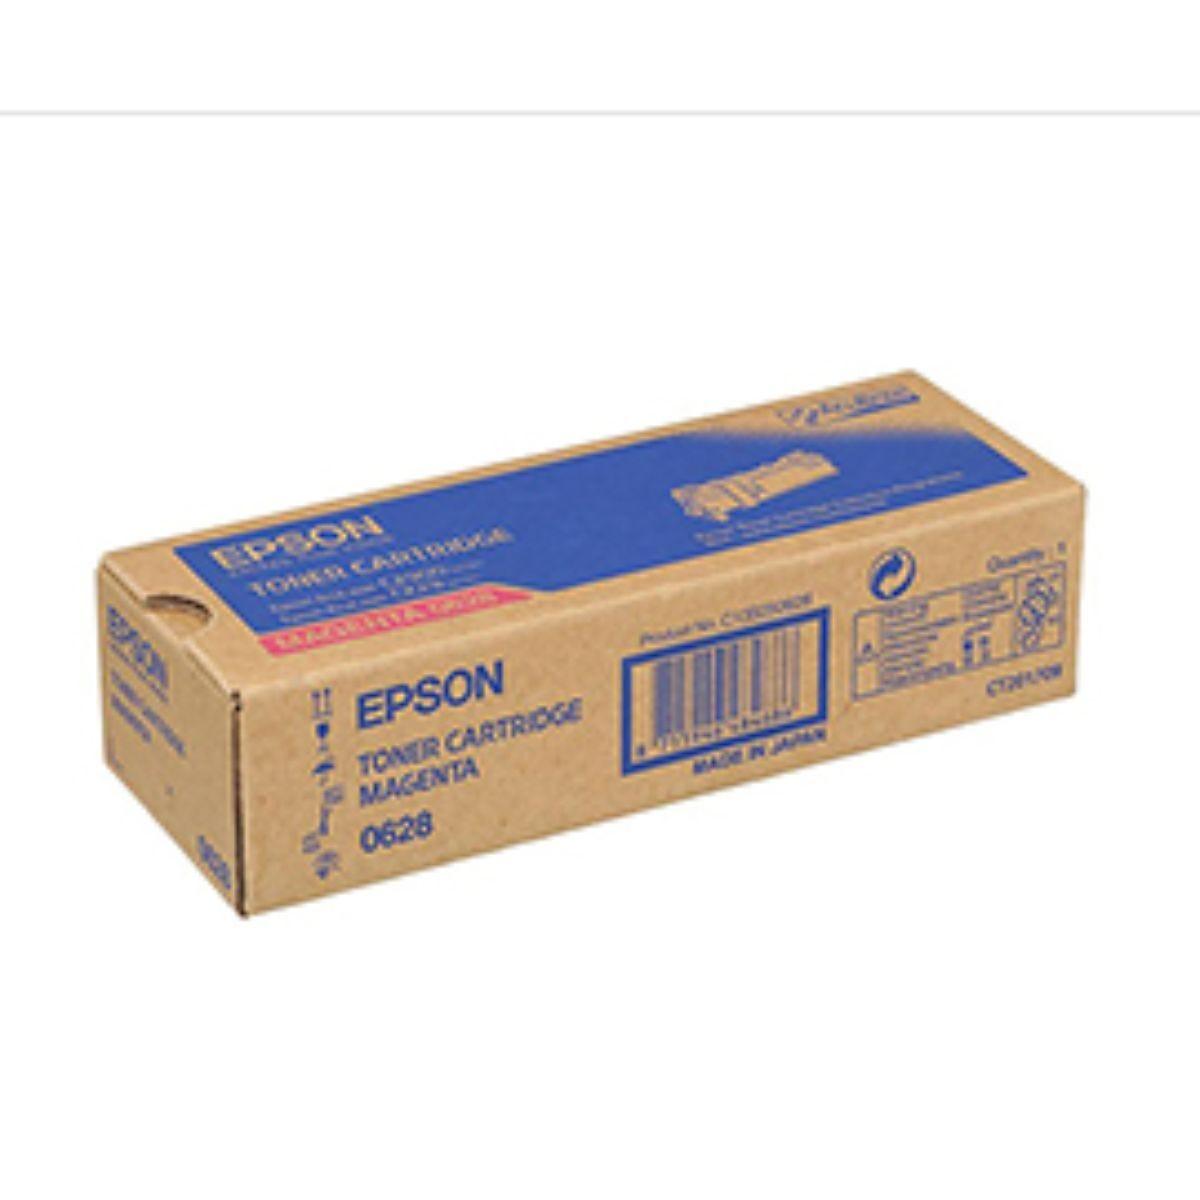 Epson AL-C2900N Toner Magenta